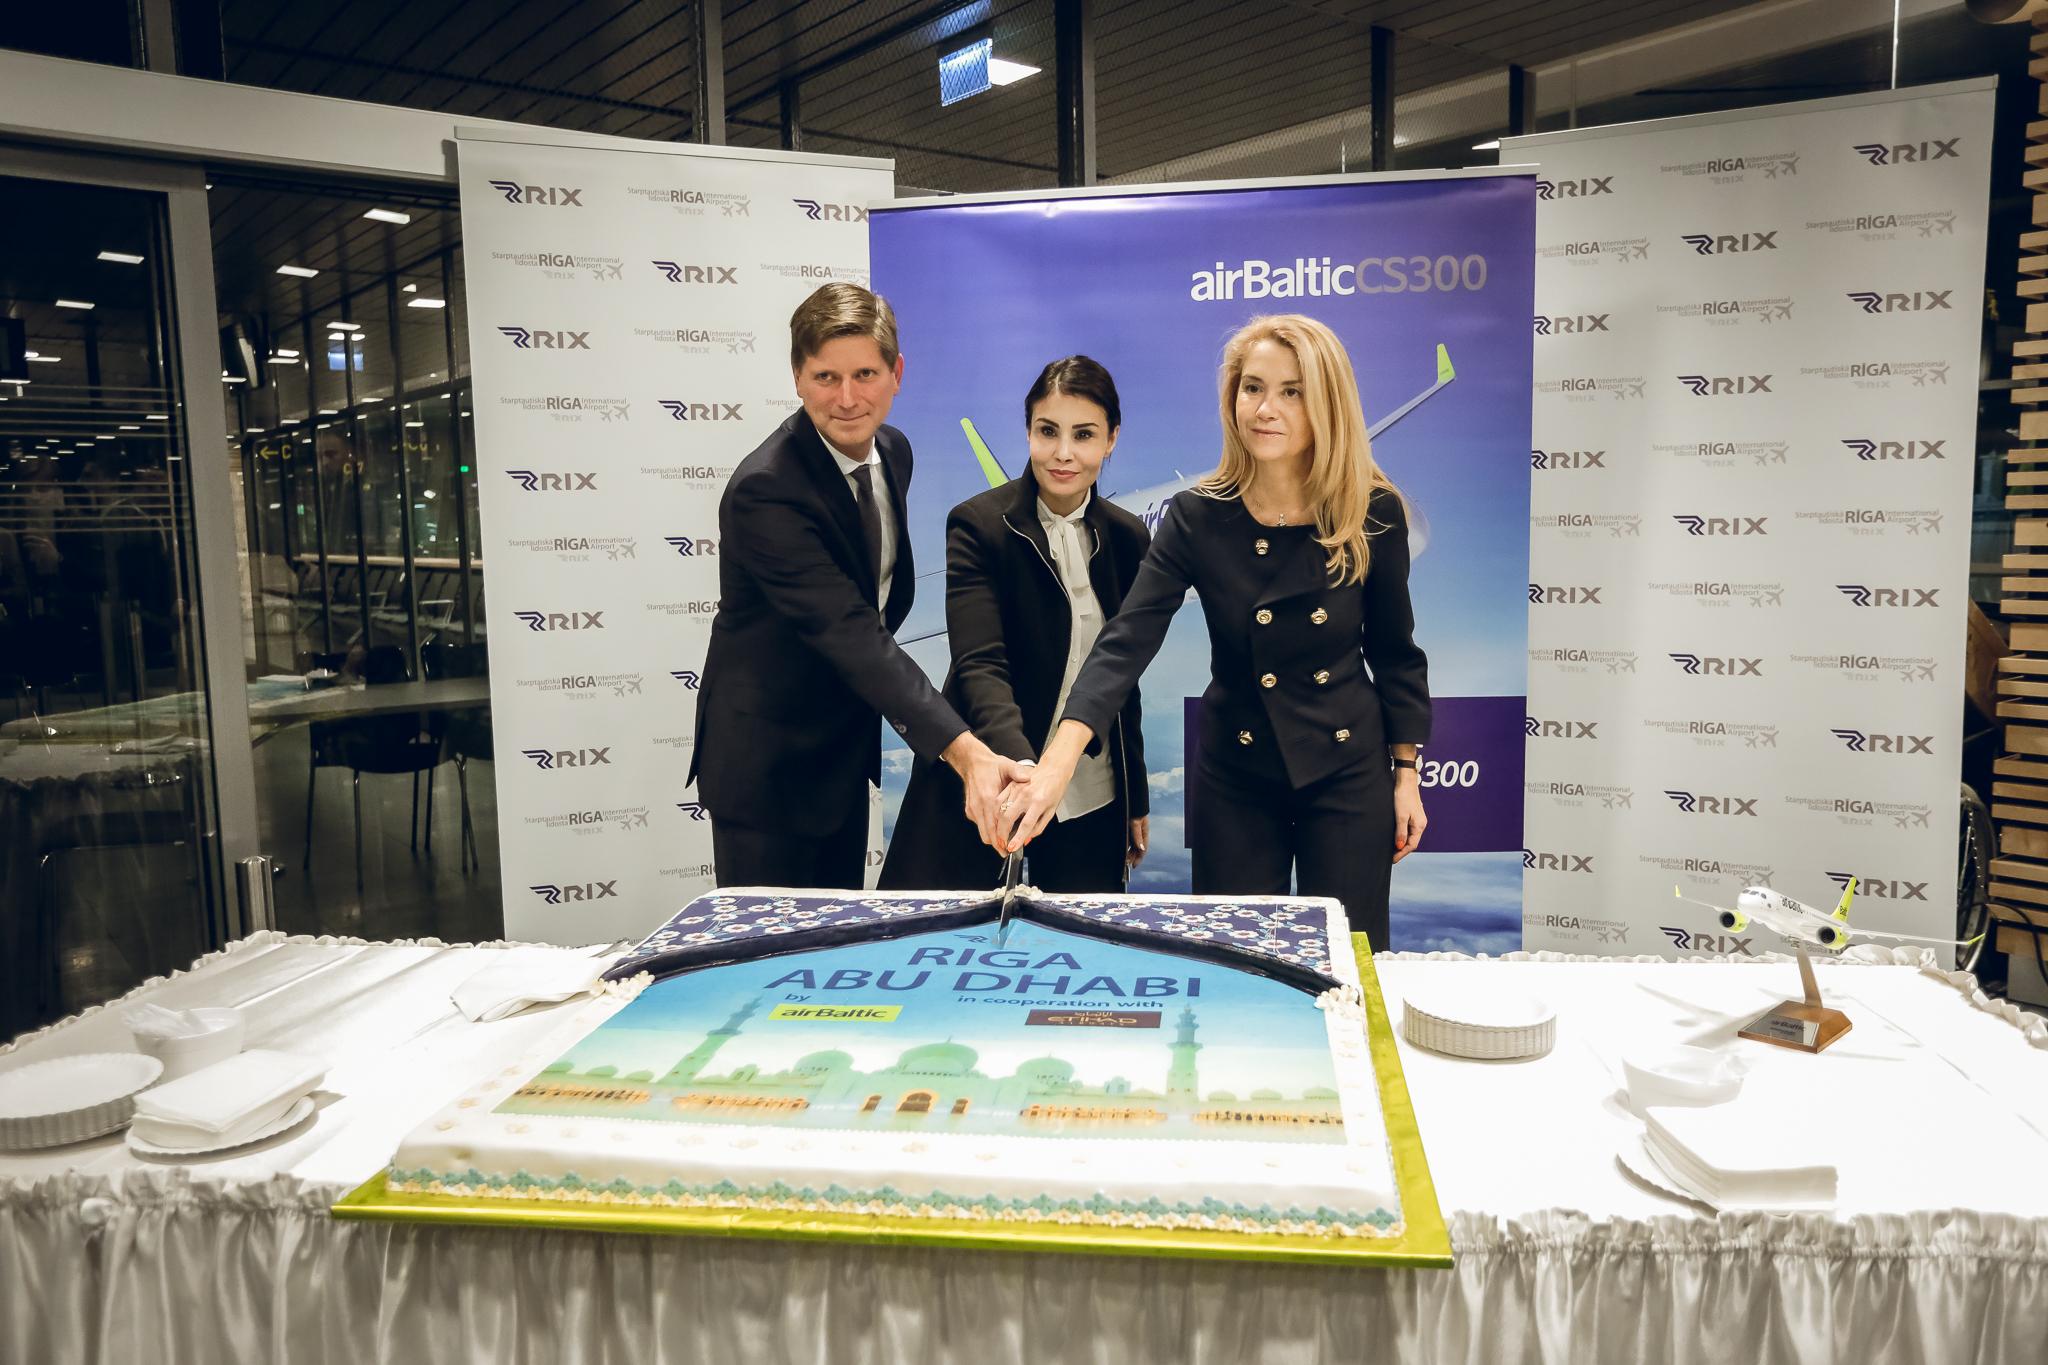 Åbning af ny rute fra Riga til Abu Dhabi (Foto: airBaltic)